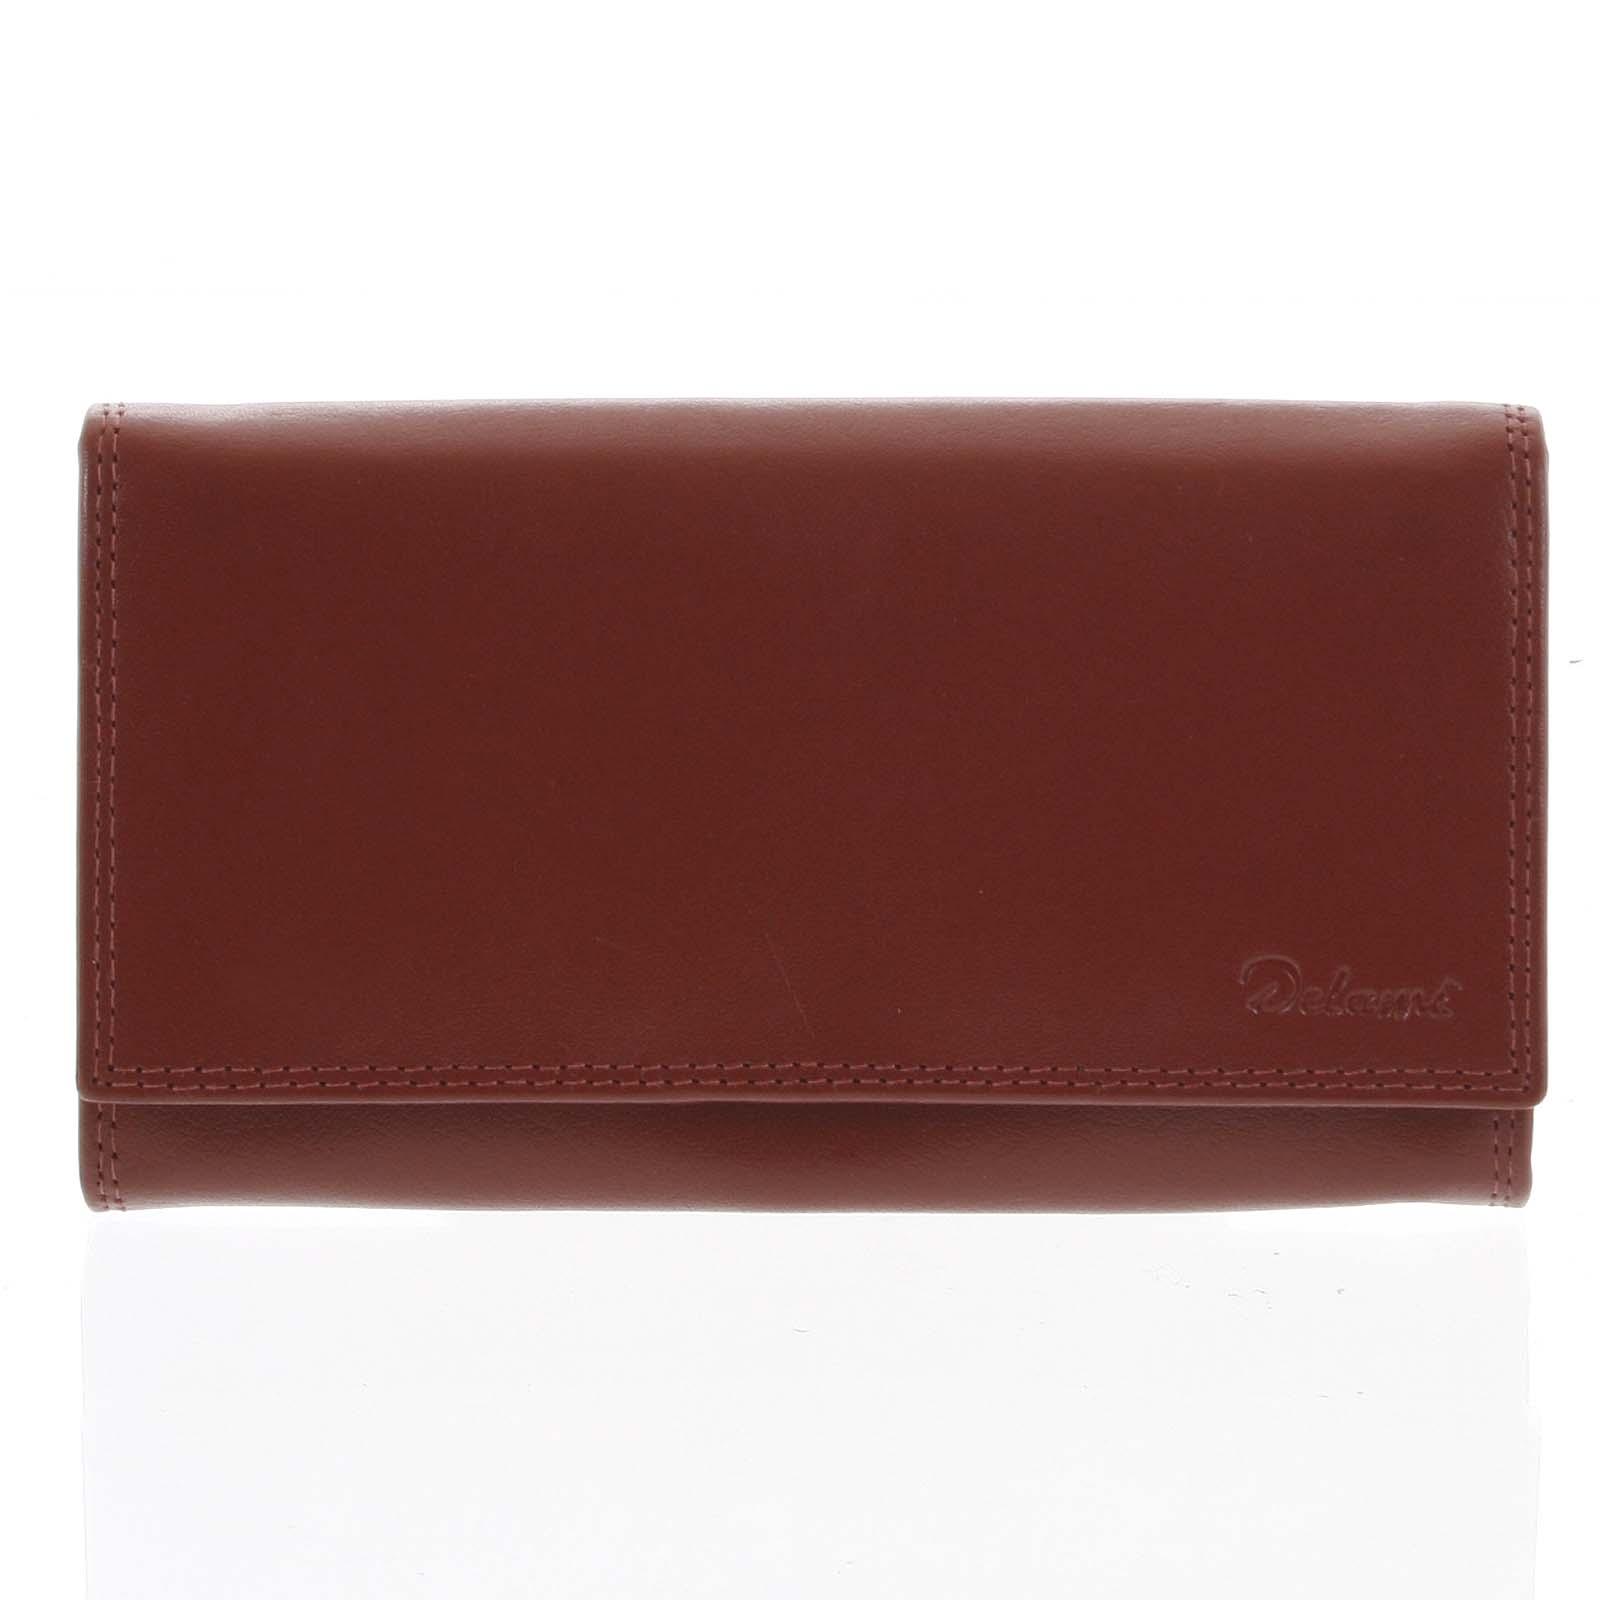 Dámska kožená peňaženka červená - Delami Wandy